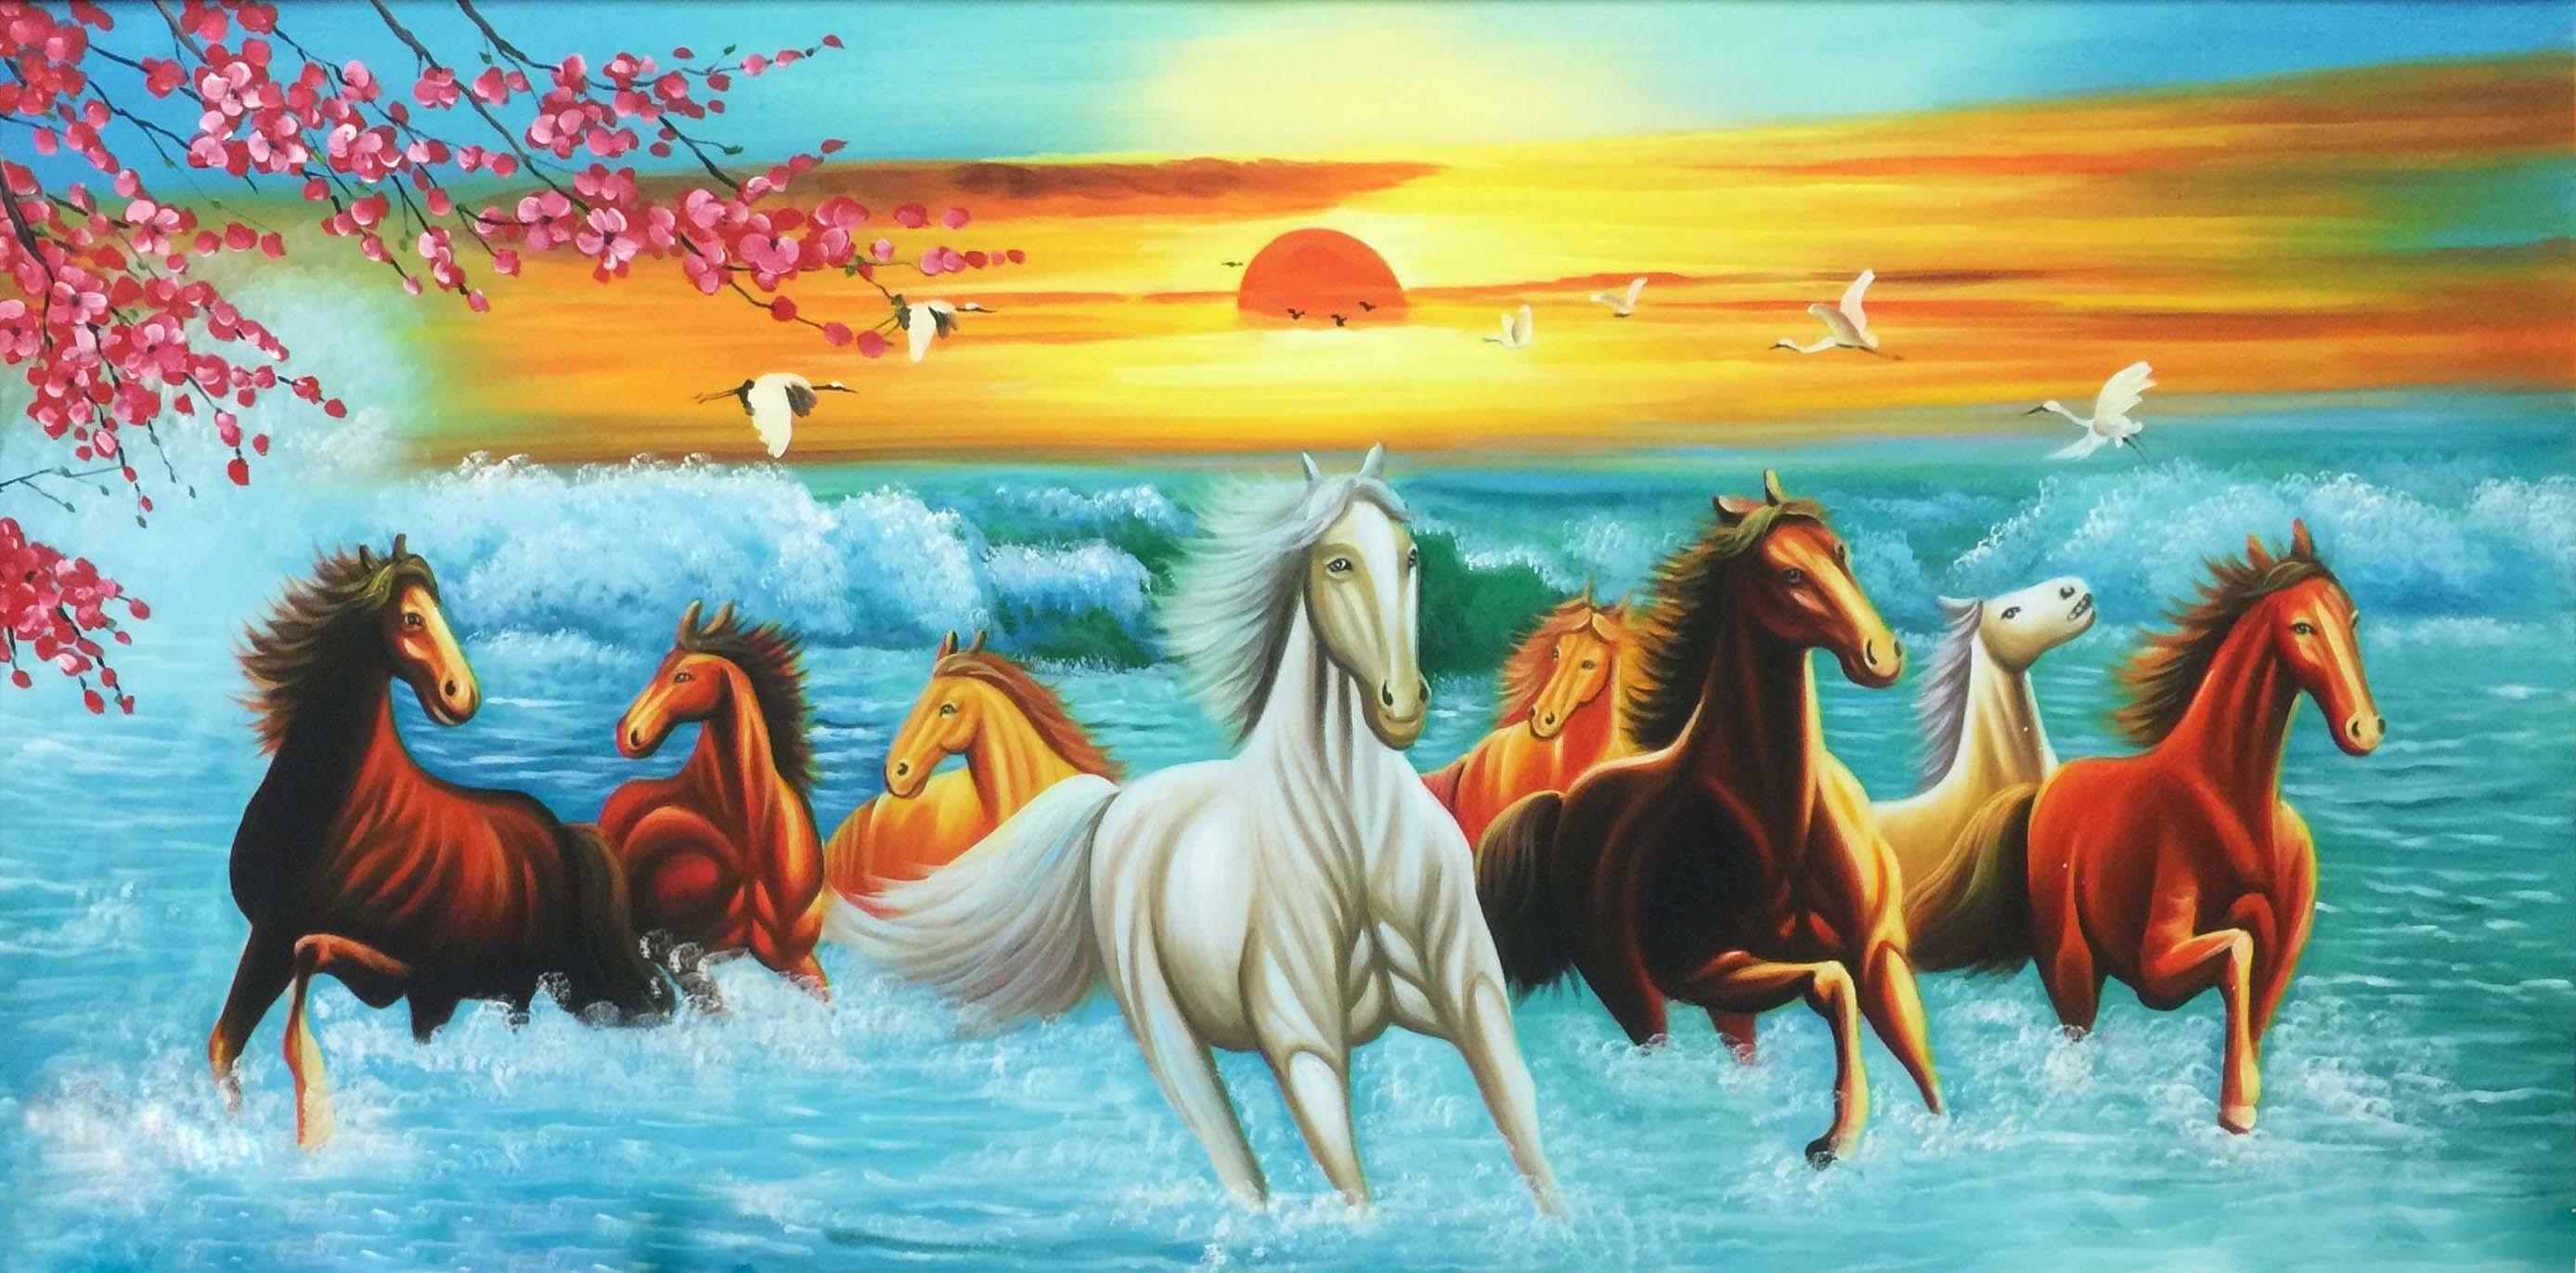 Tranh ngựa mã đáo thành công có vạc và hoa anh đào